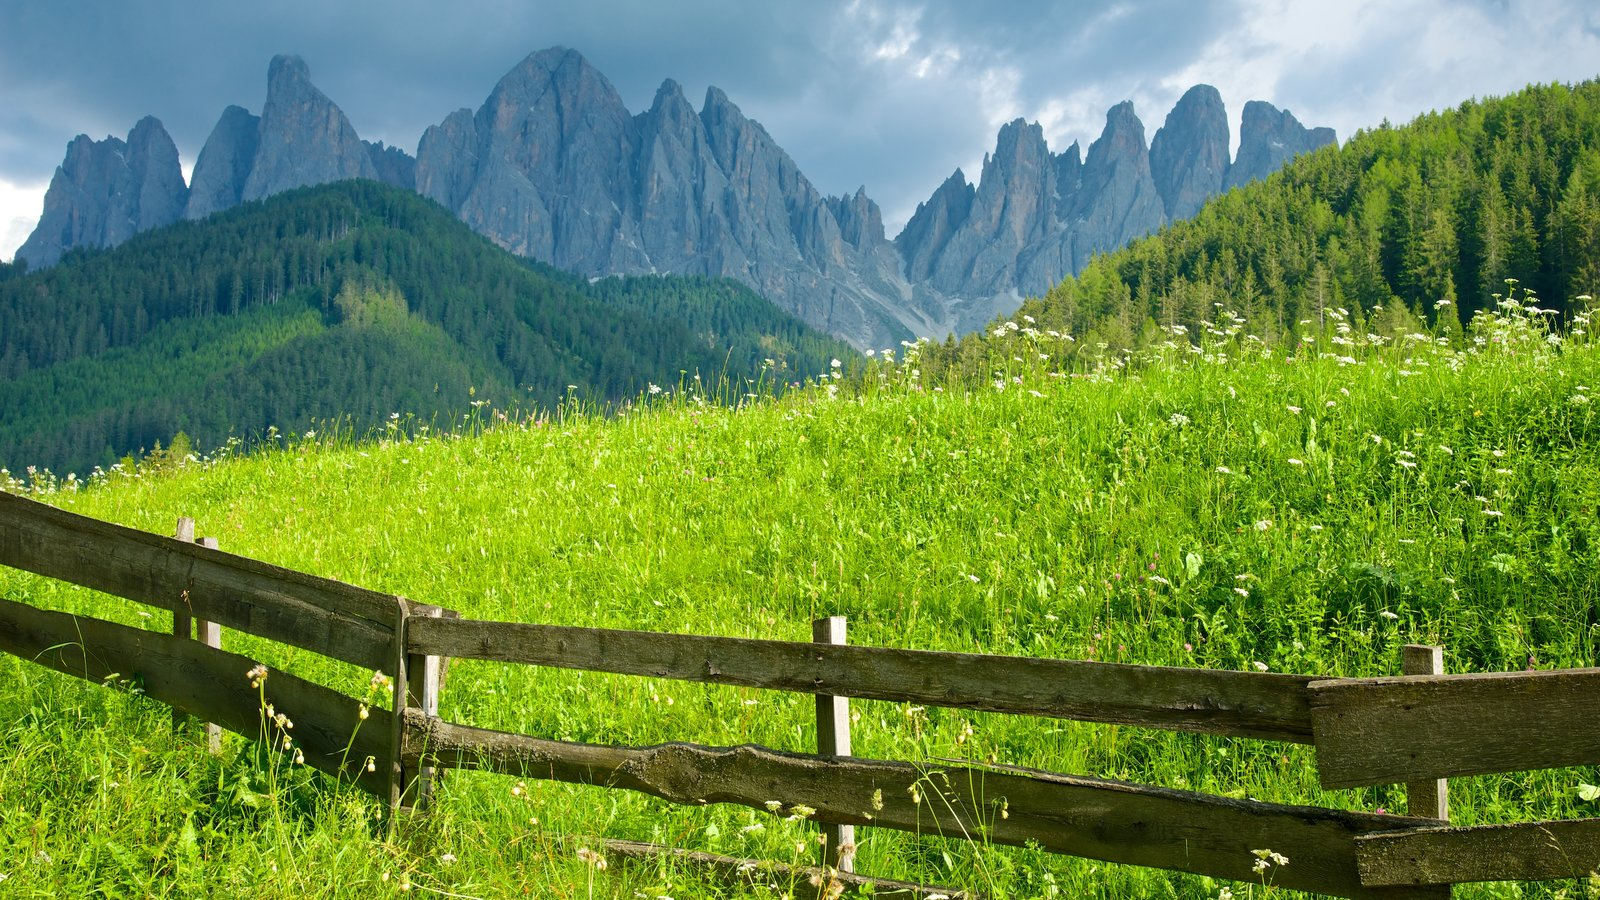 Funes que inclui cenas tranquilas, montanhas e paisagem